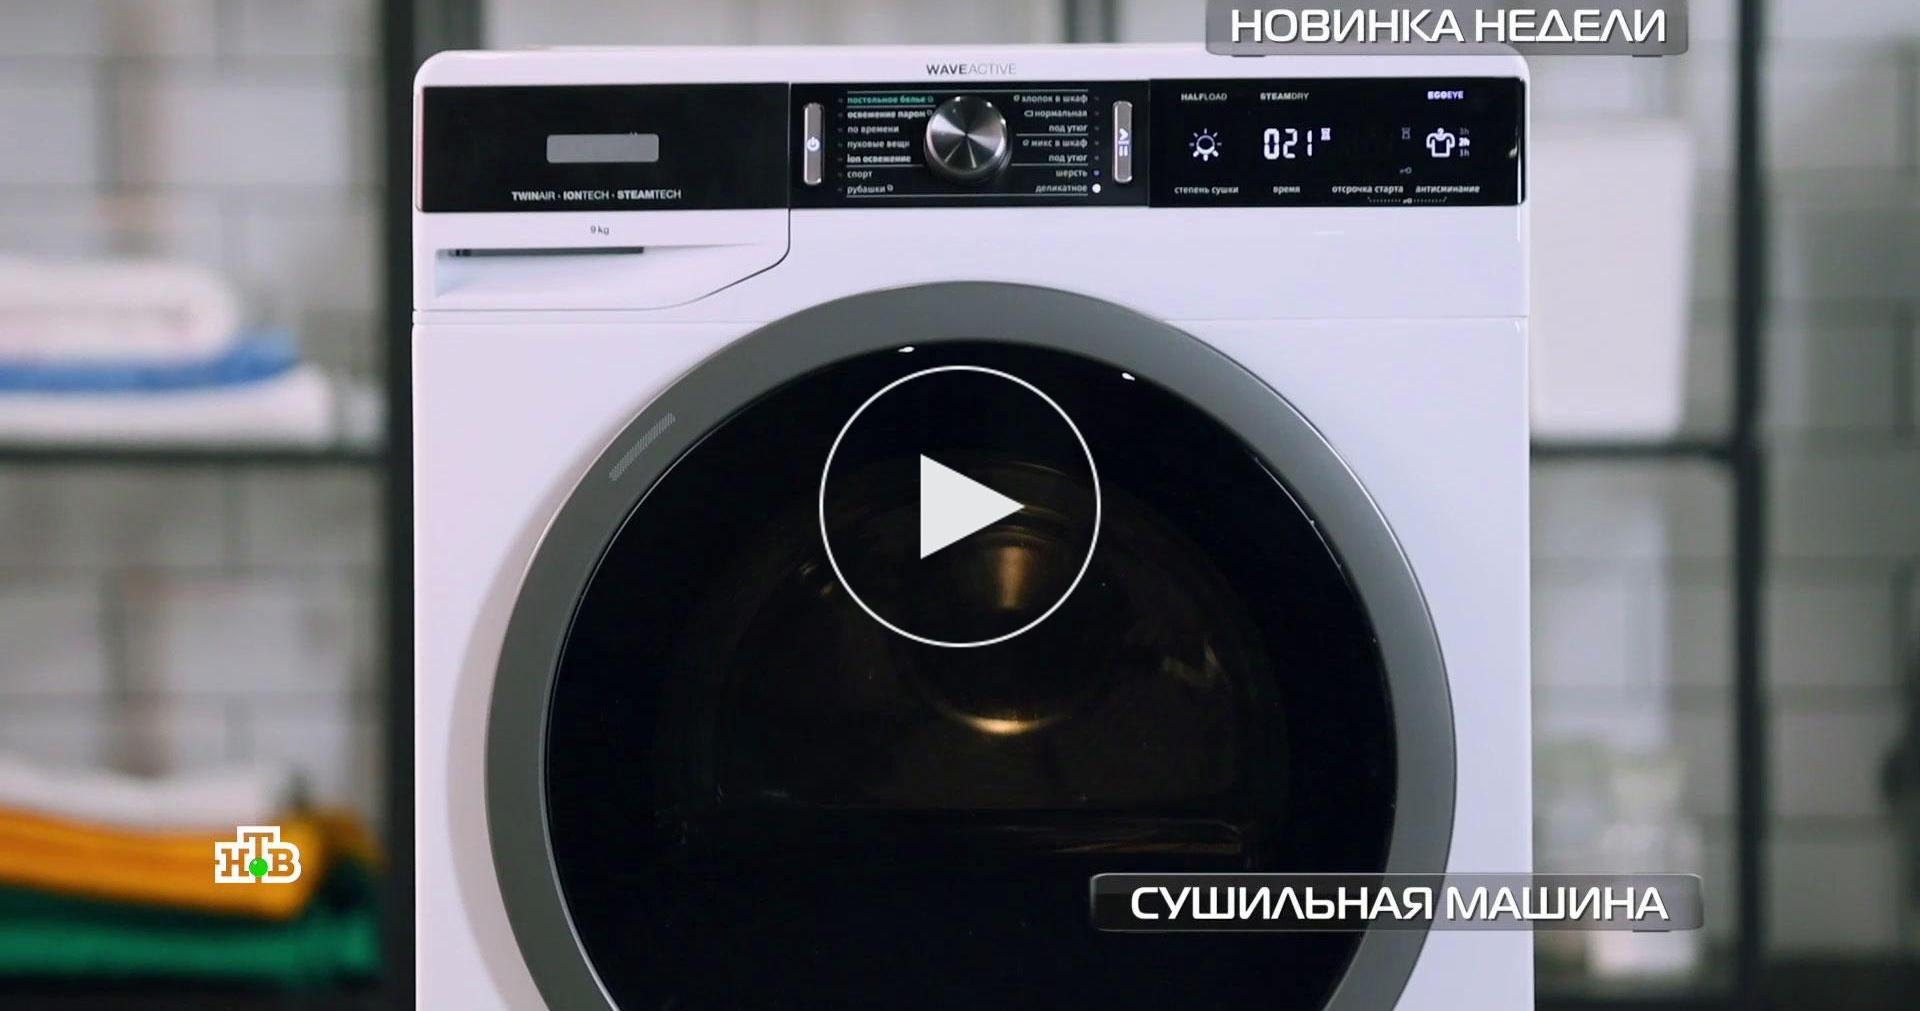 Сушильная машина: на что способно это устройство